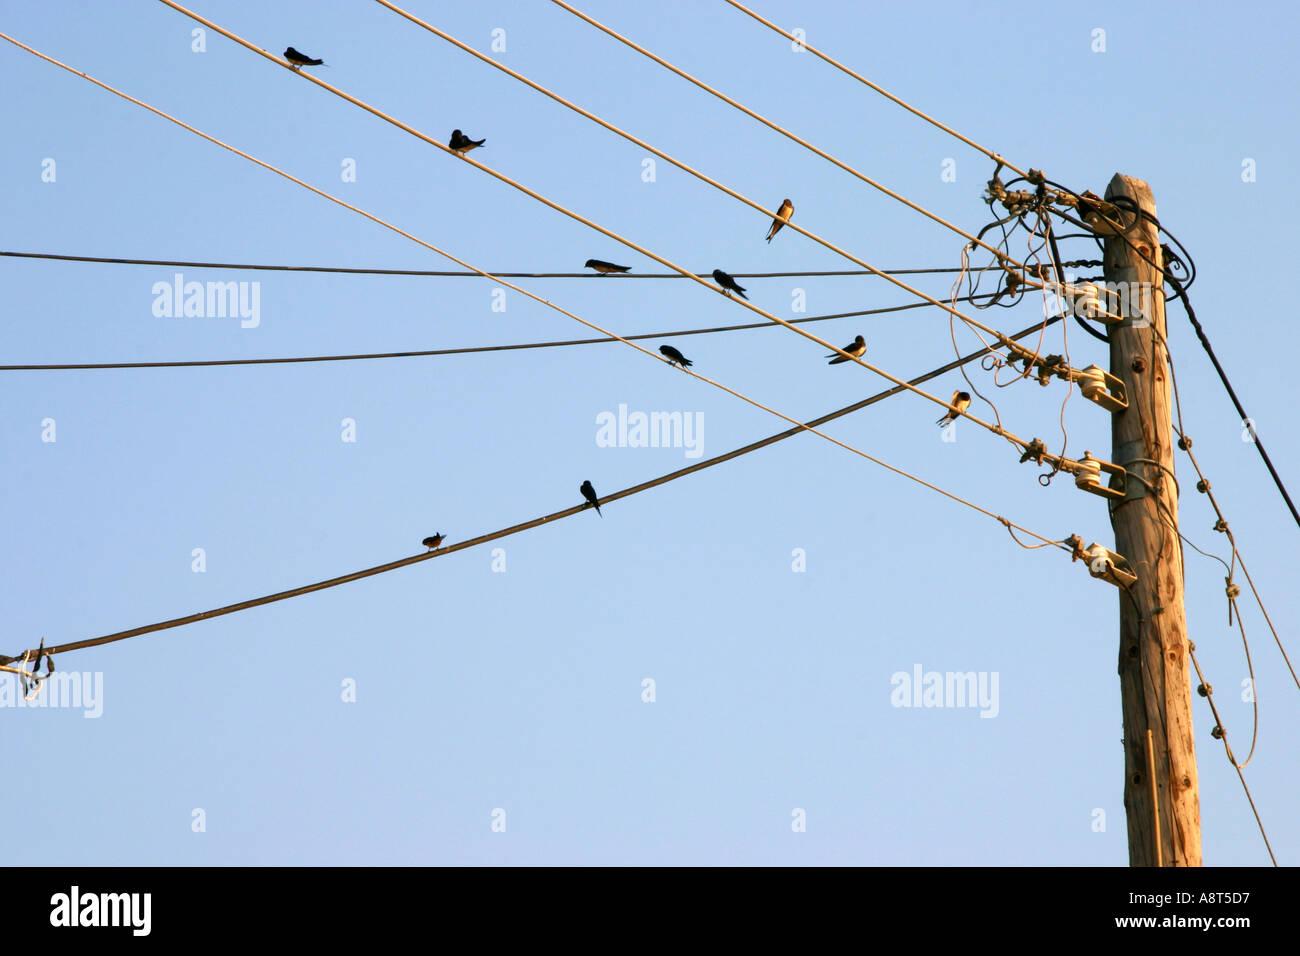 Birds on Telephone Wires Stock Photo: 2262486 - Alamy